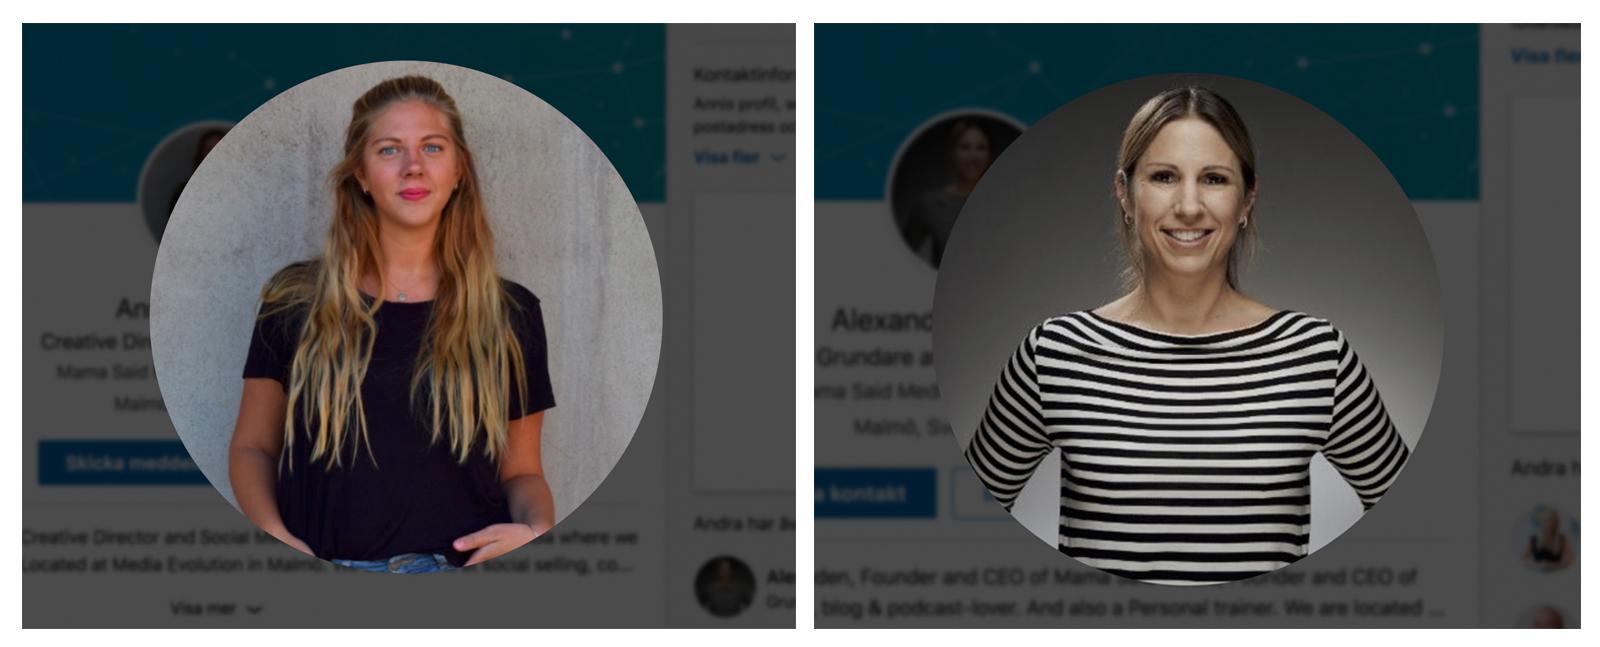 Såhär ser profilbilderna ut på Annis och Alexandras konton, två bra exempel!